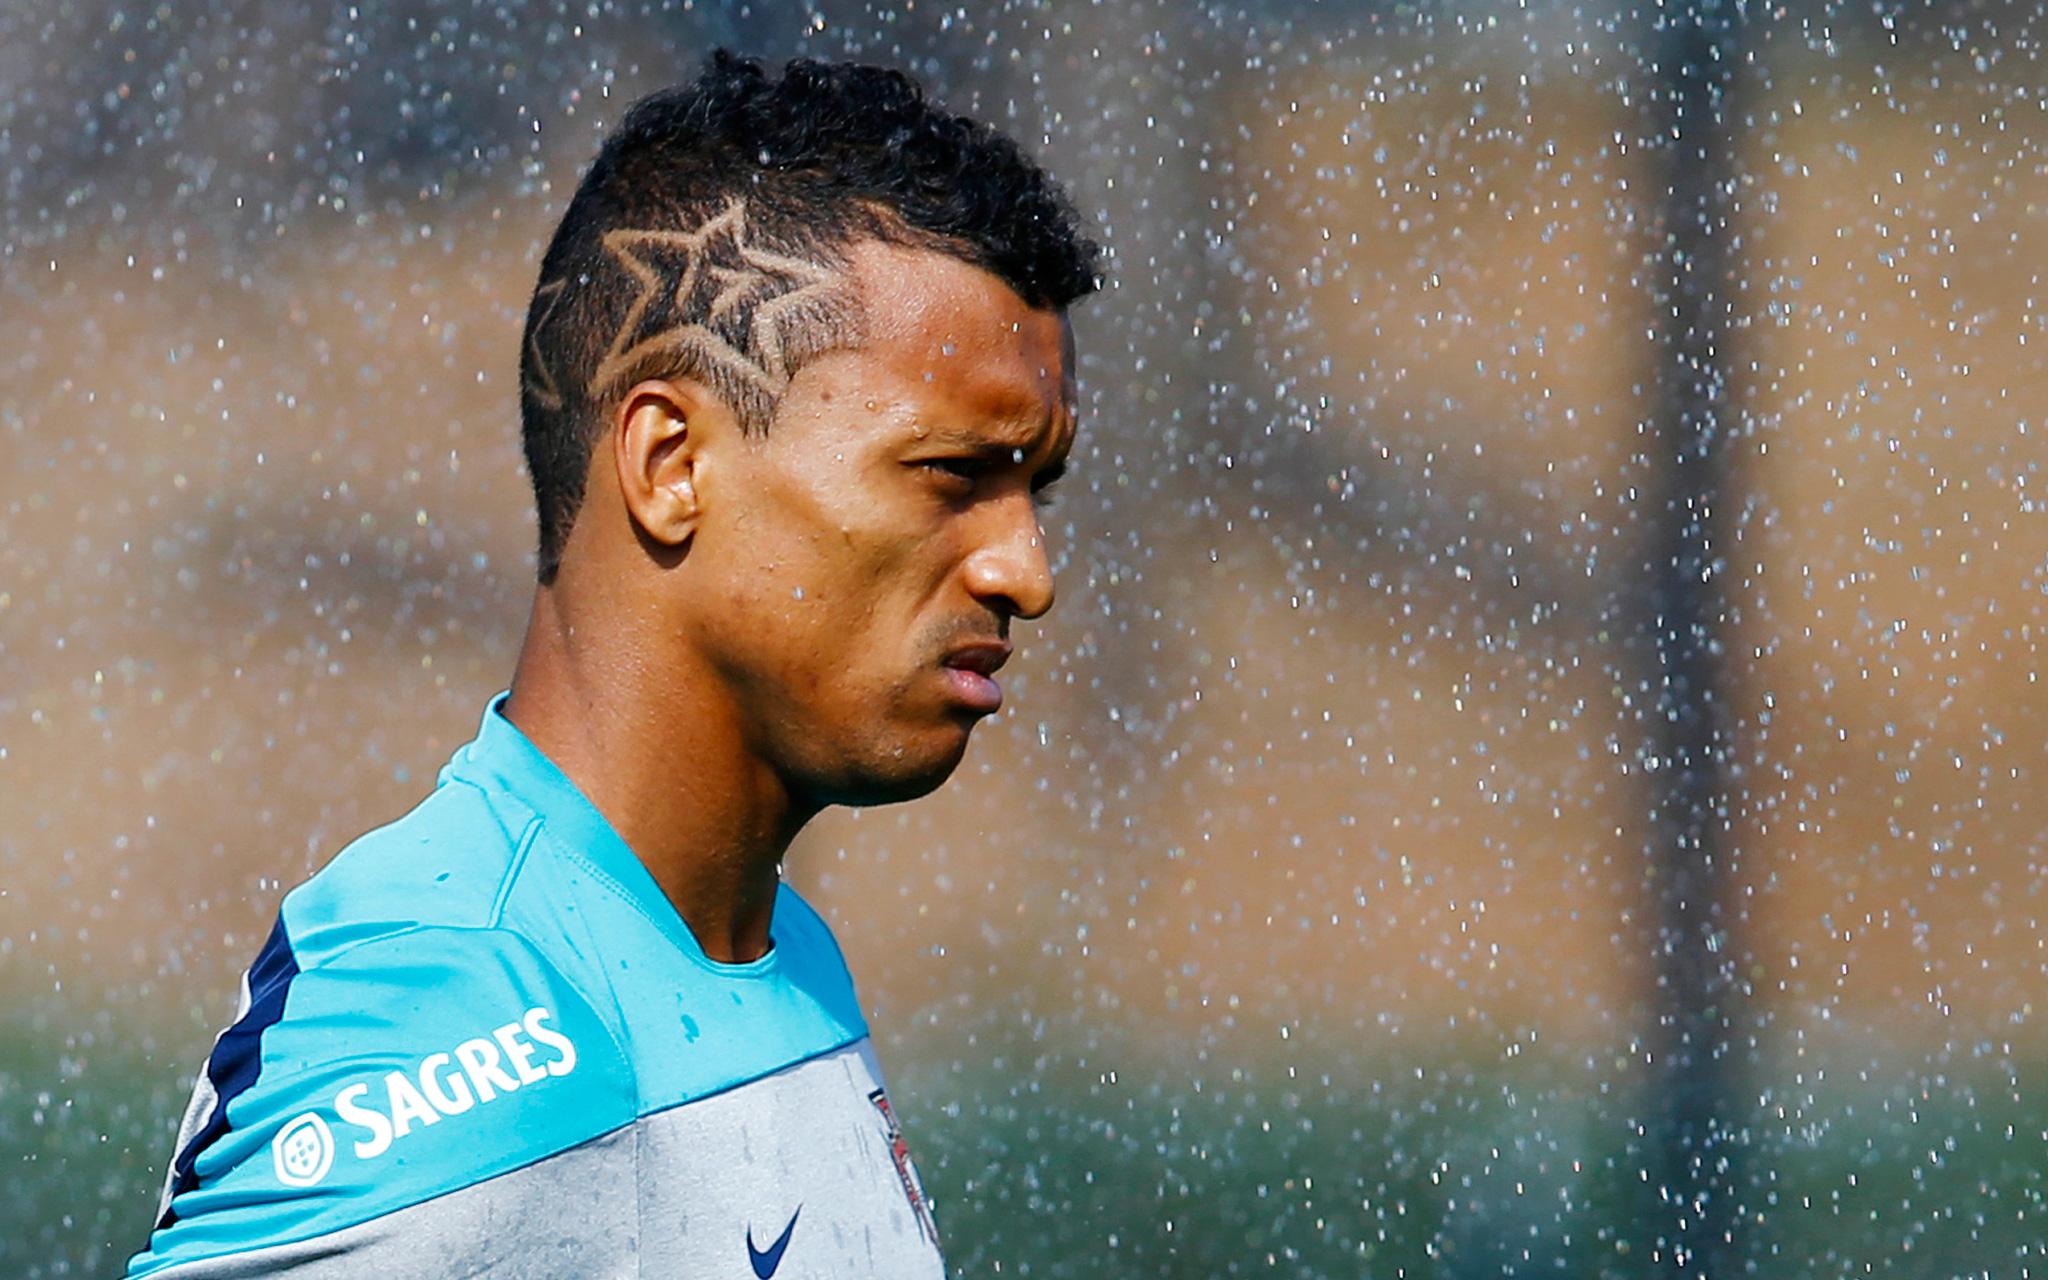 Nani (Portugal) - World Cup Hair - ESPN